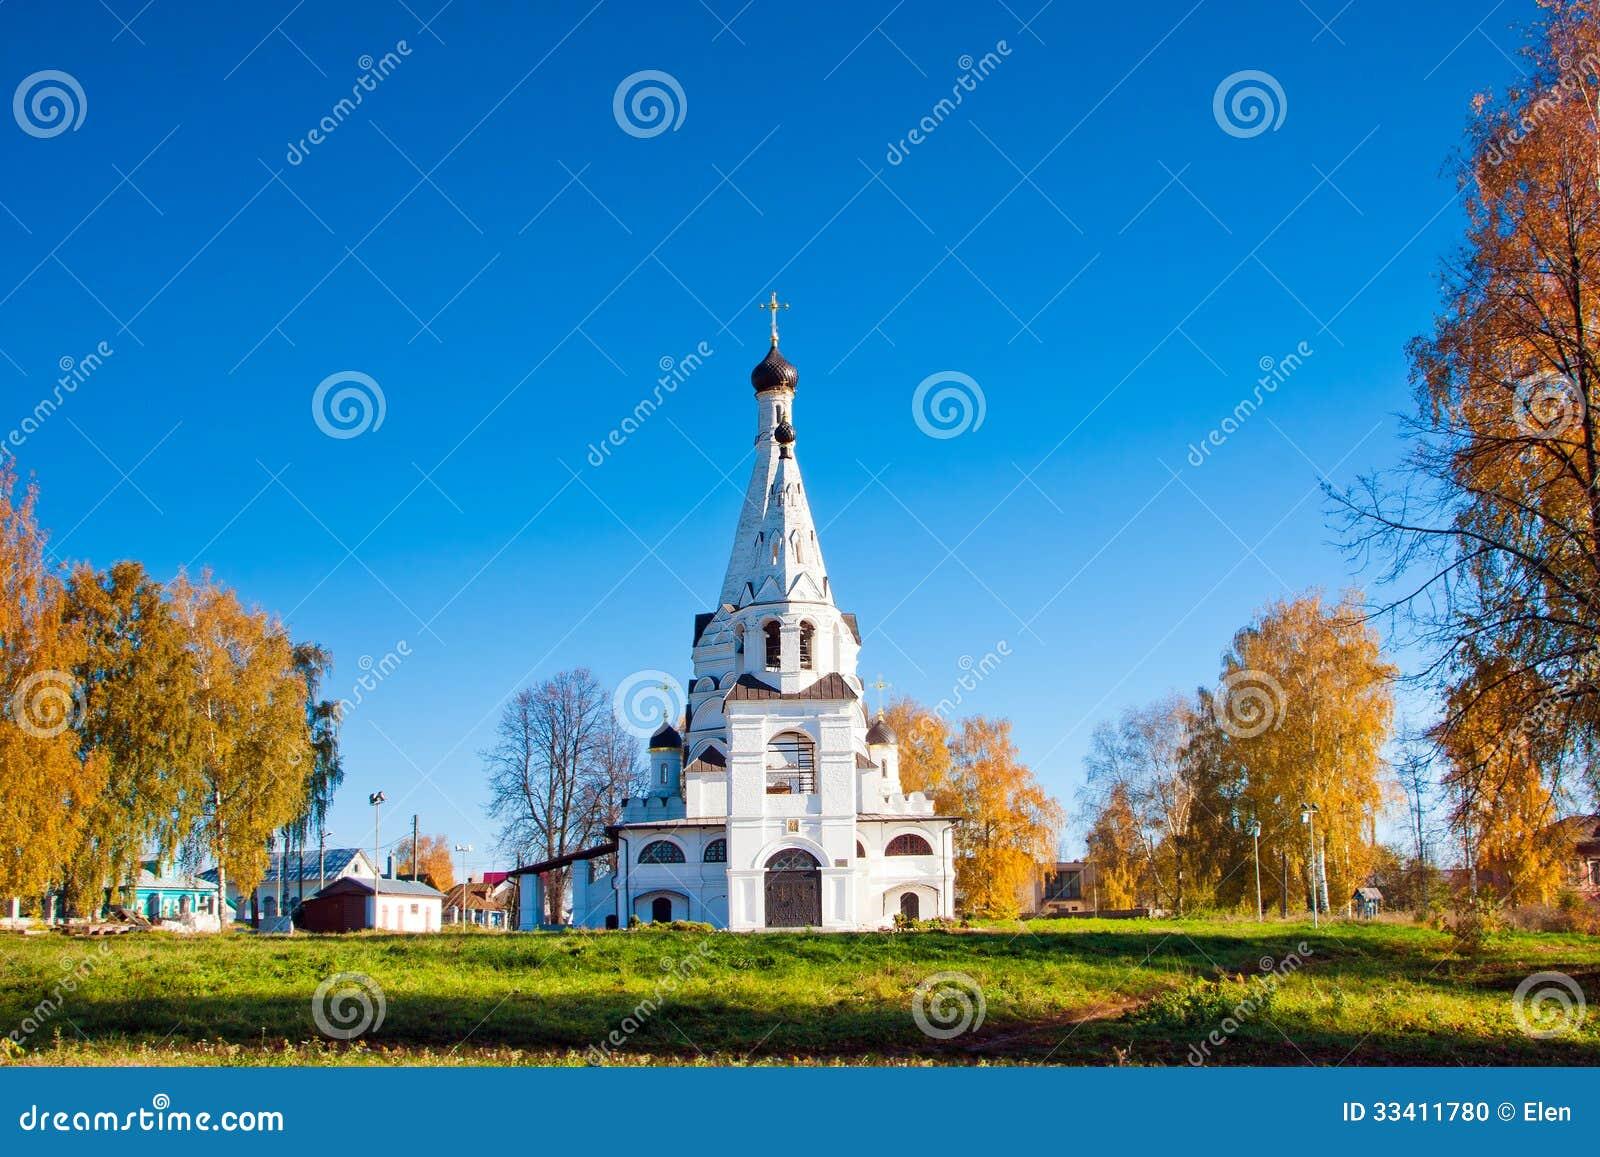 Ρωσία, εκκλησία στο NA Volge Krasnoe